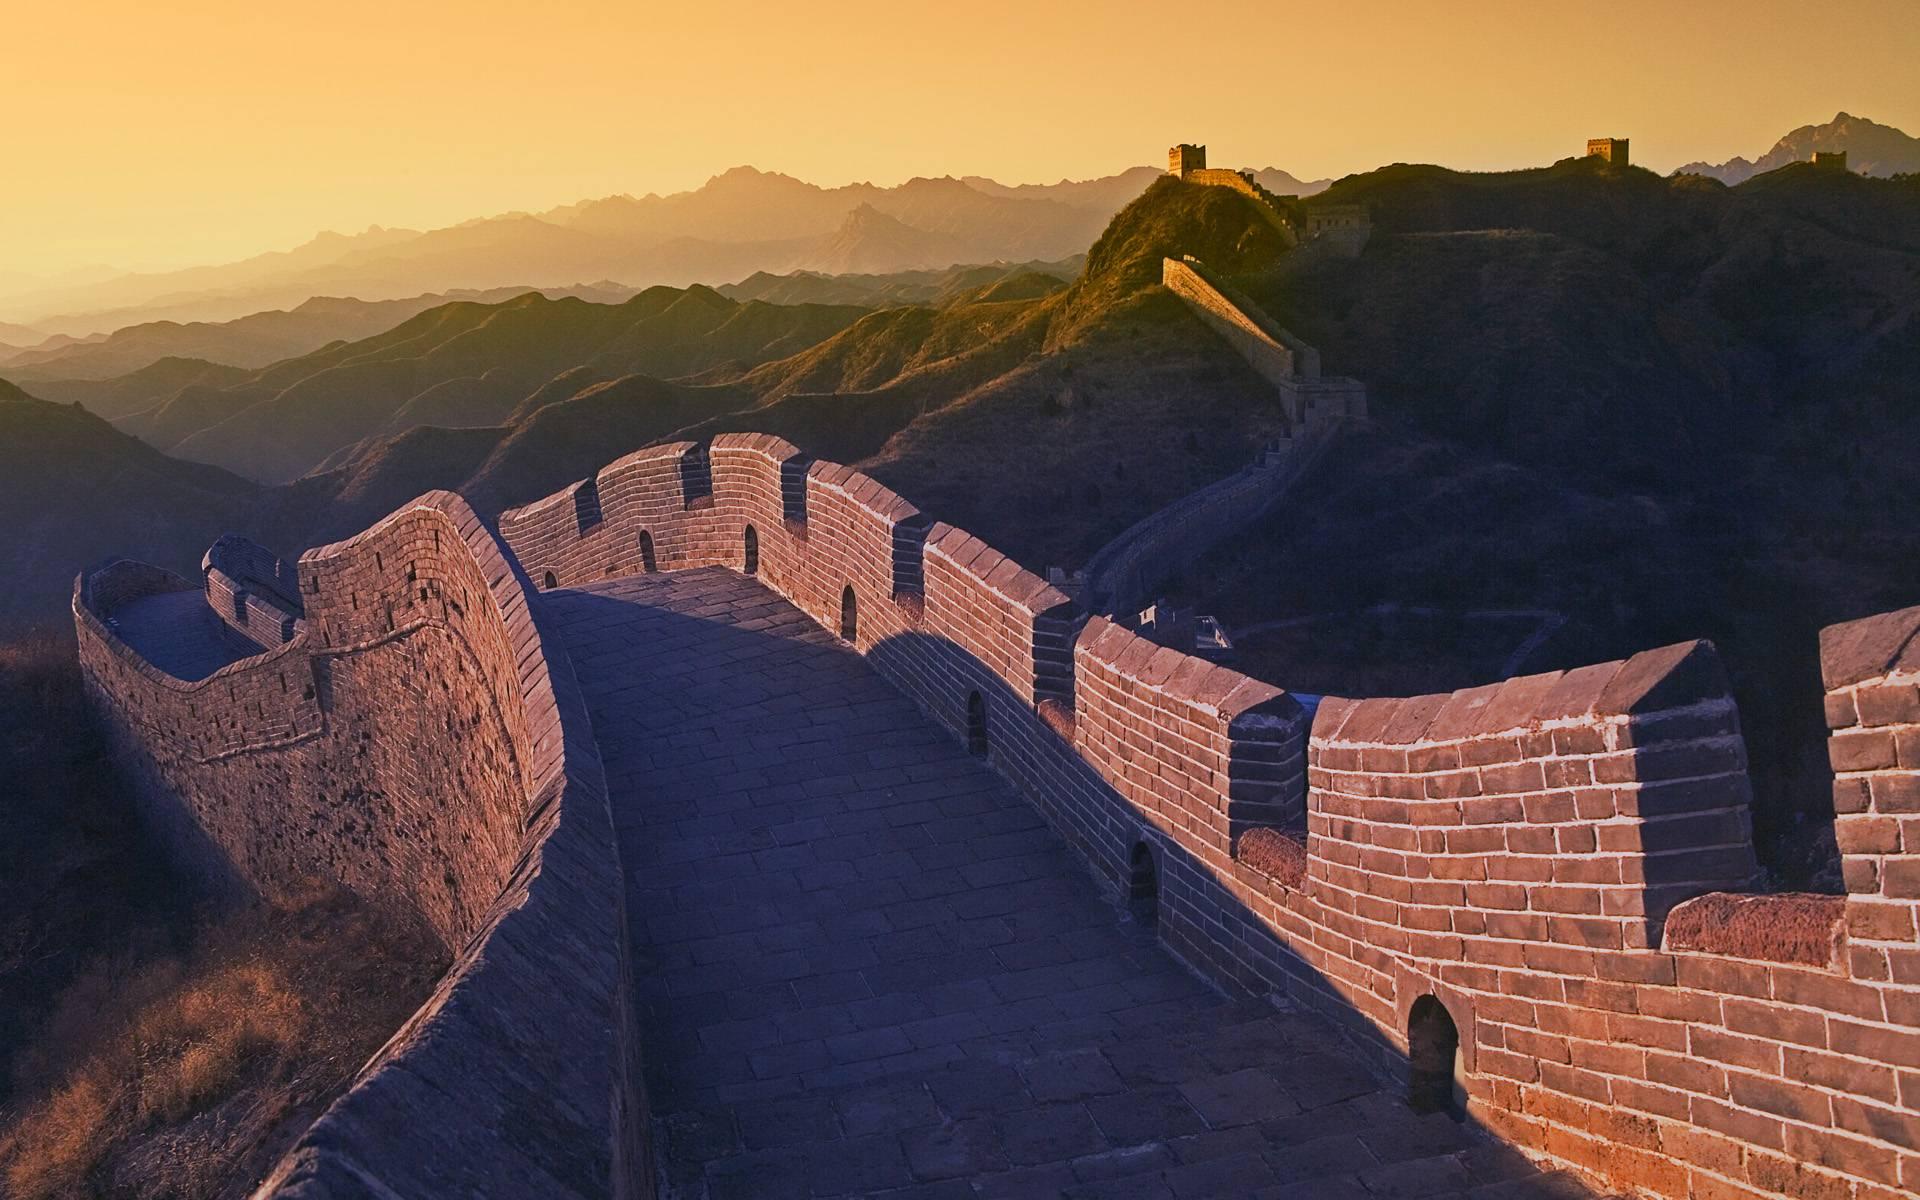 15 удивительных фактов о великой китайской стене